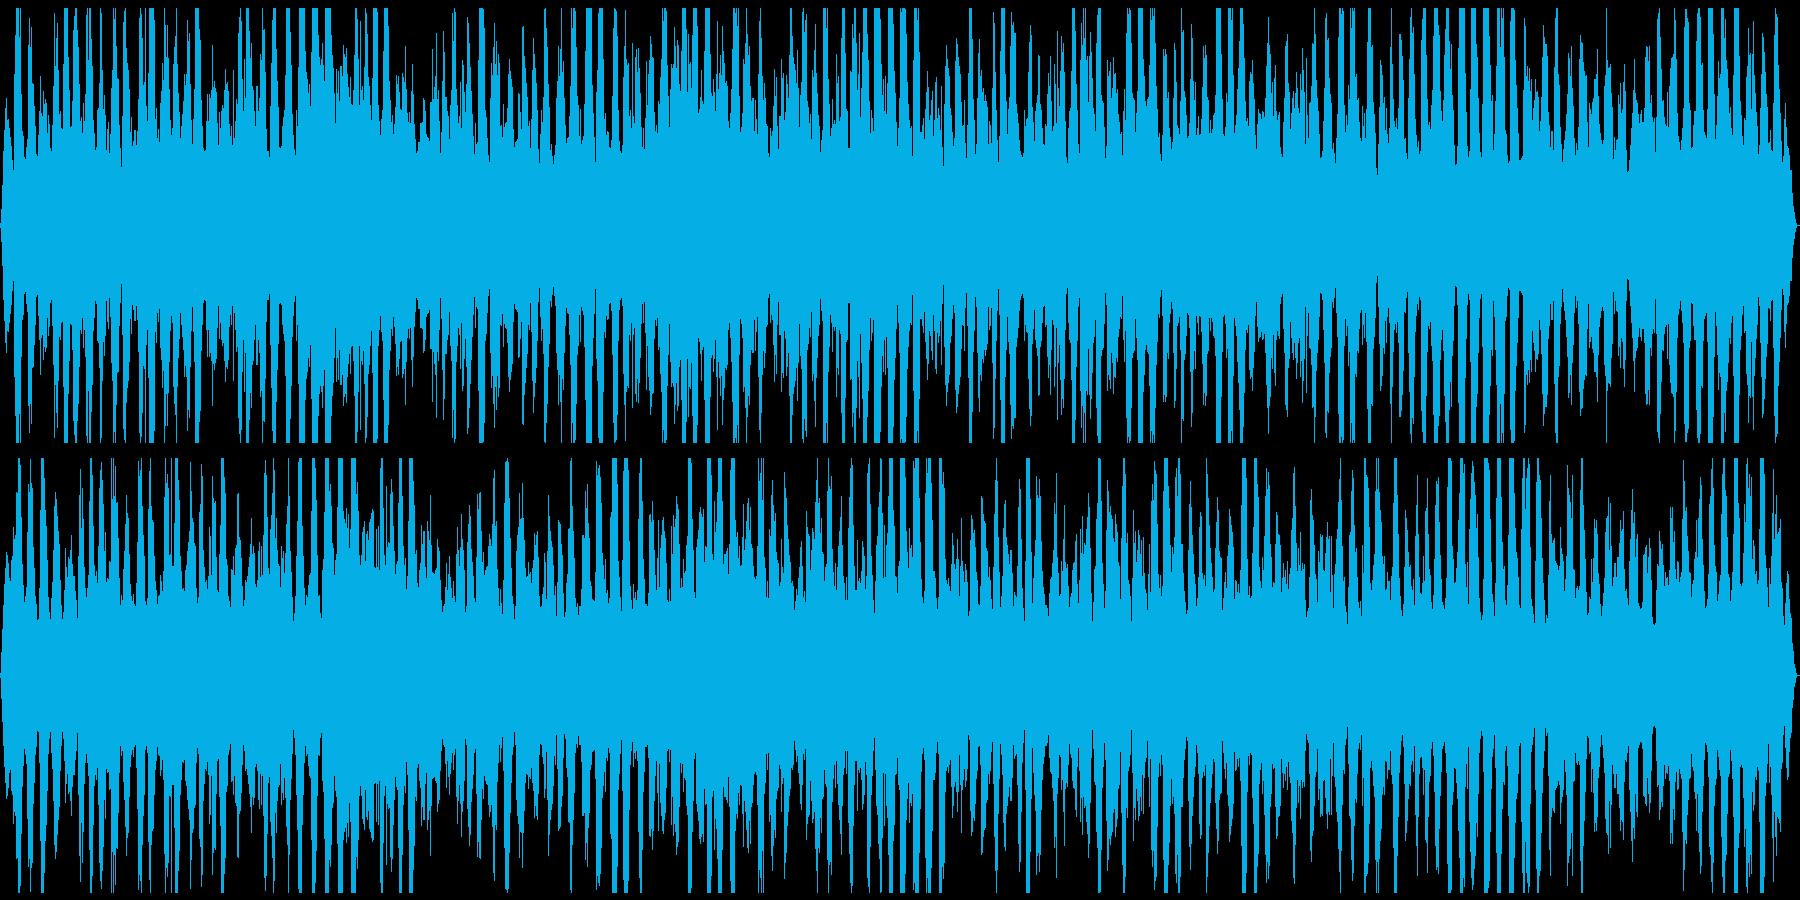 ザッパーン うねる荒波 迫力のステレオの再生済みの波形